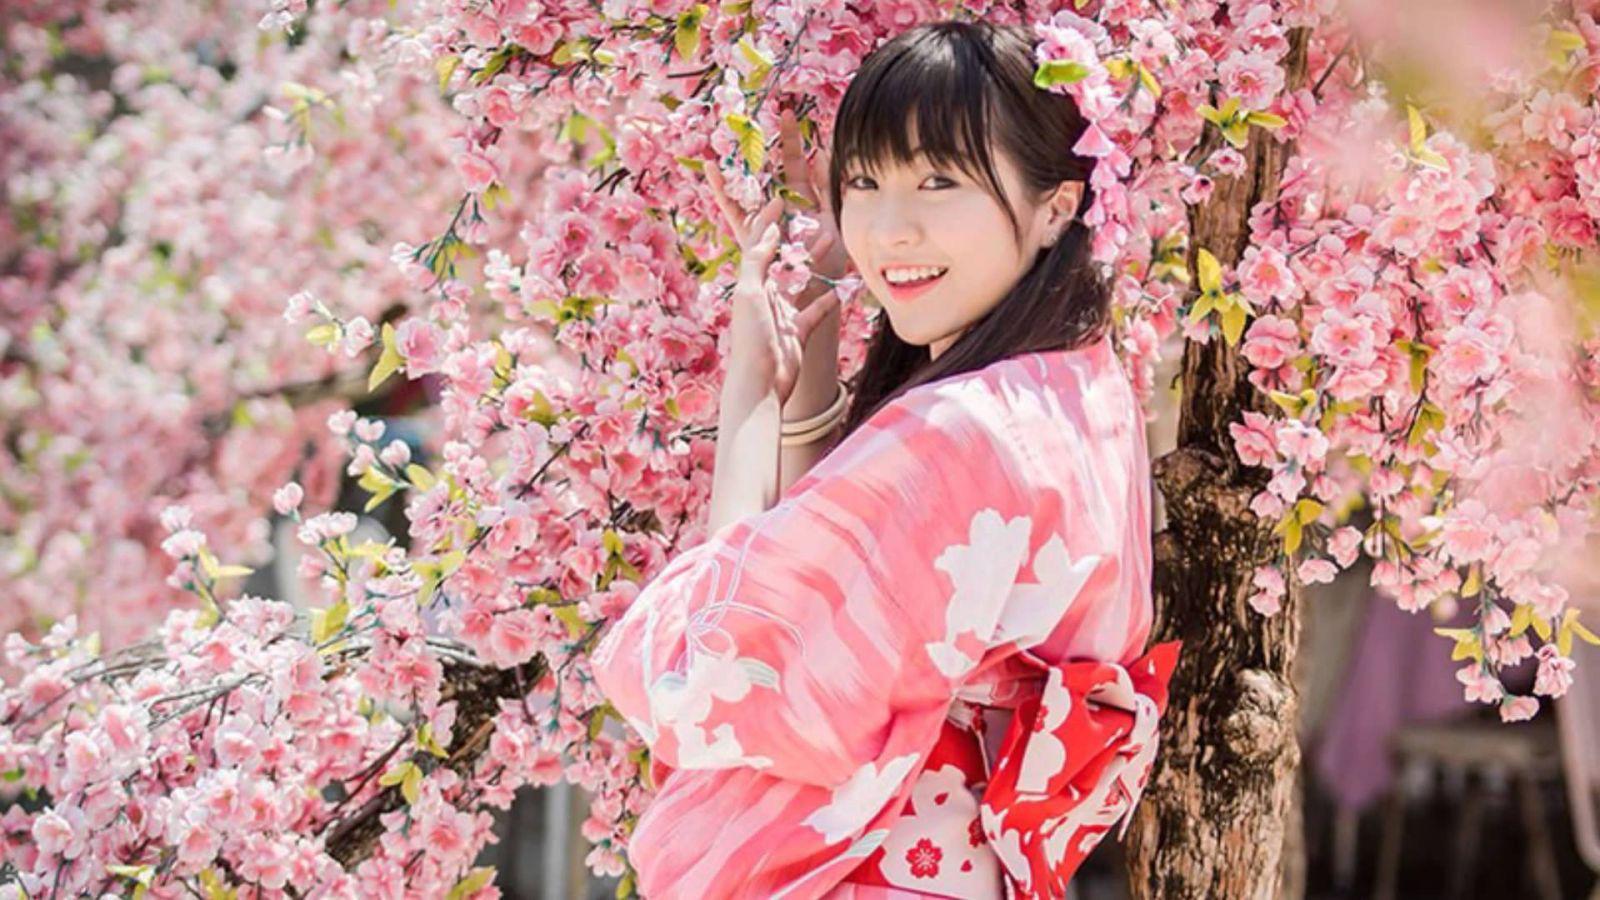 Xu hướng chăm sóc da của phụ nữ Nhật Bản 2020 - Ảnh 1.